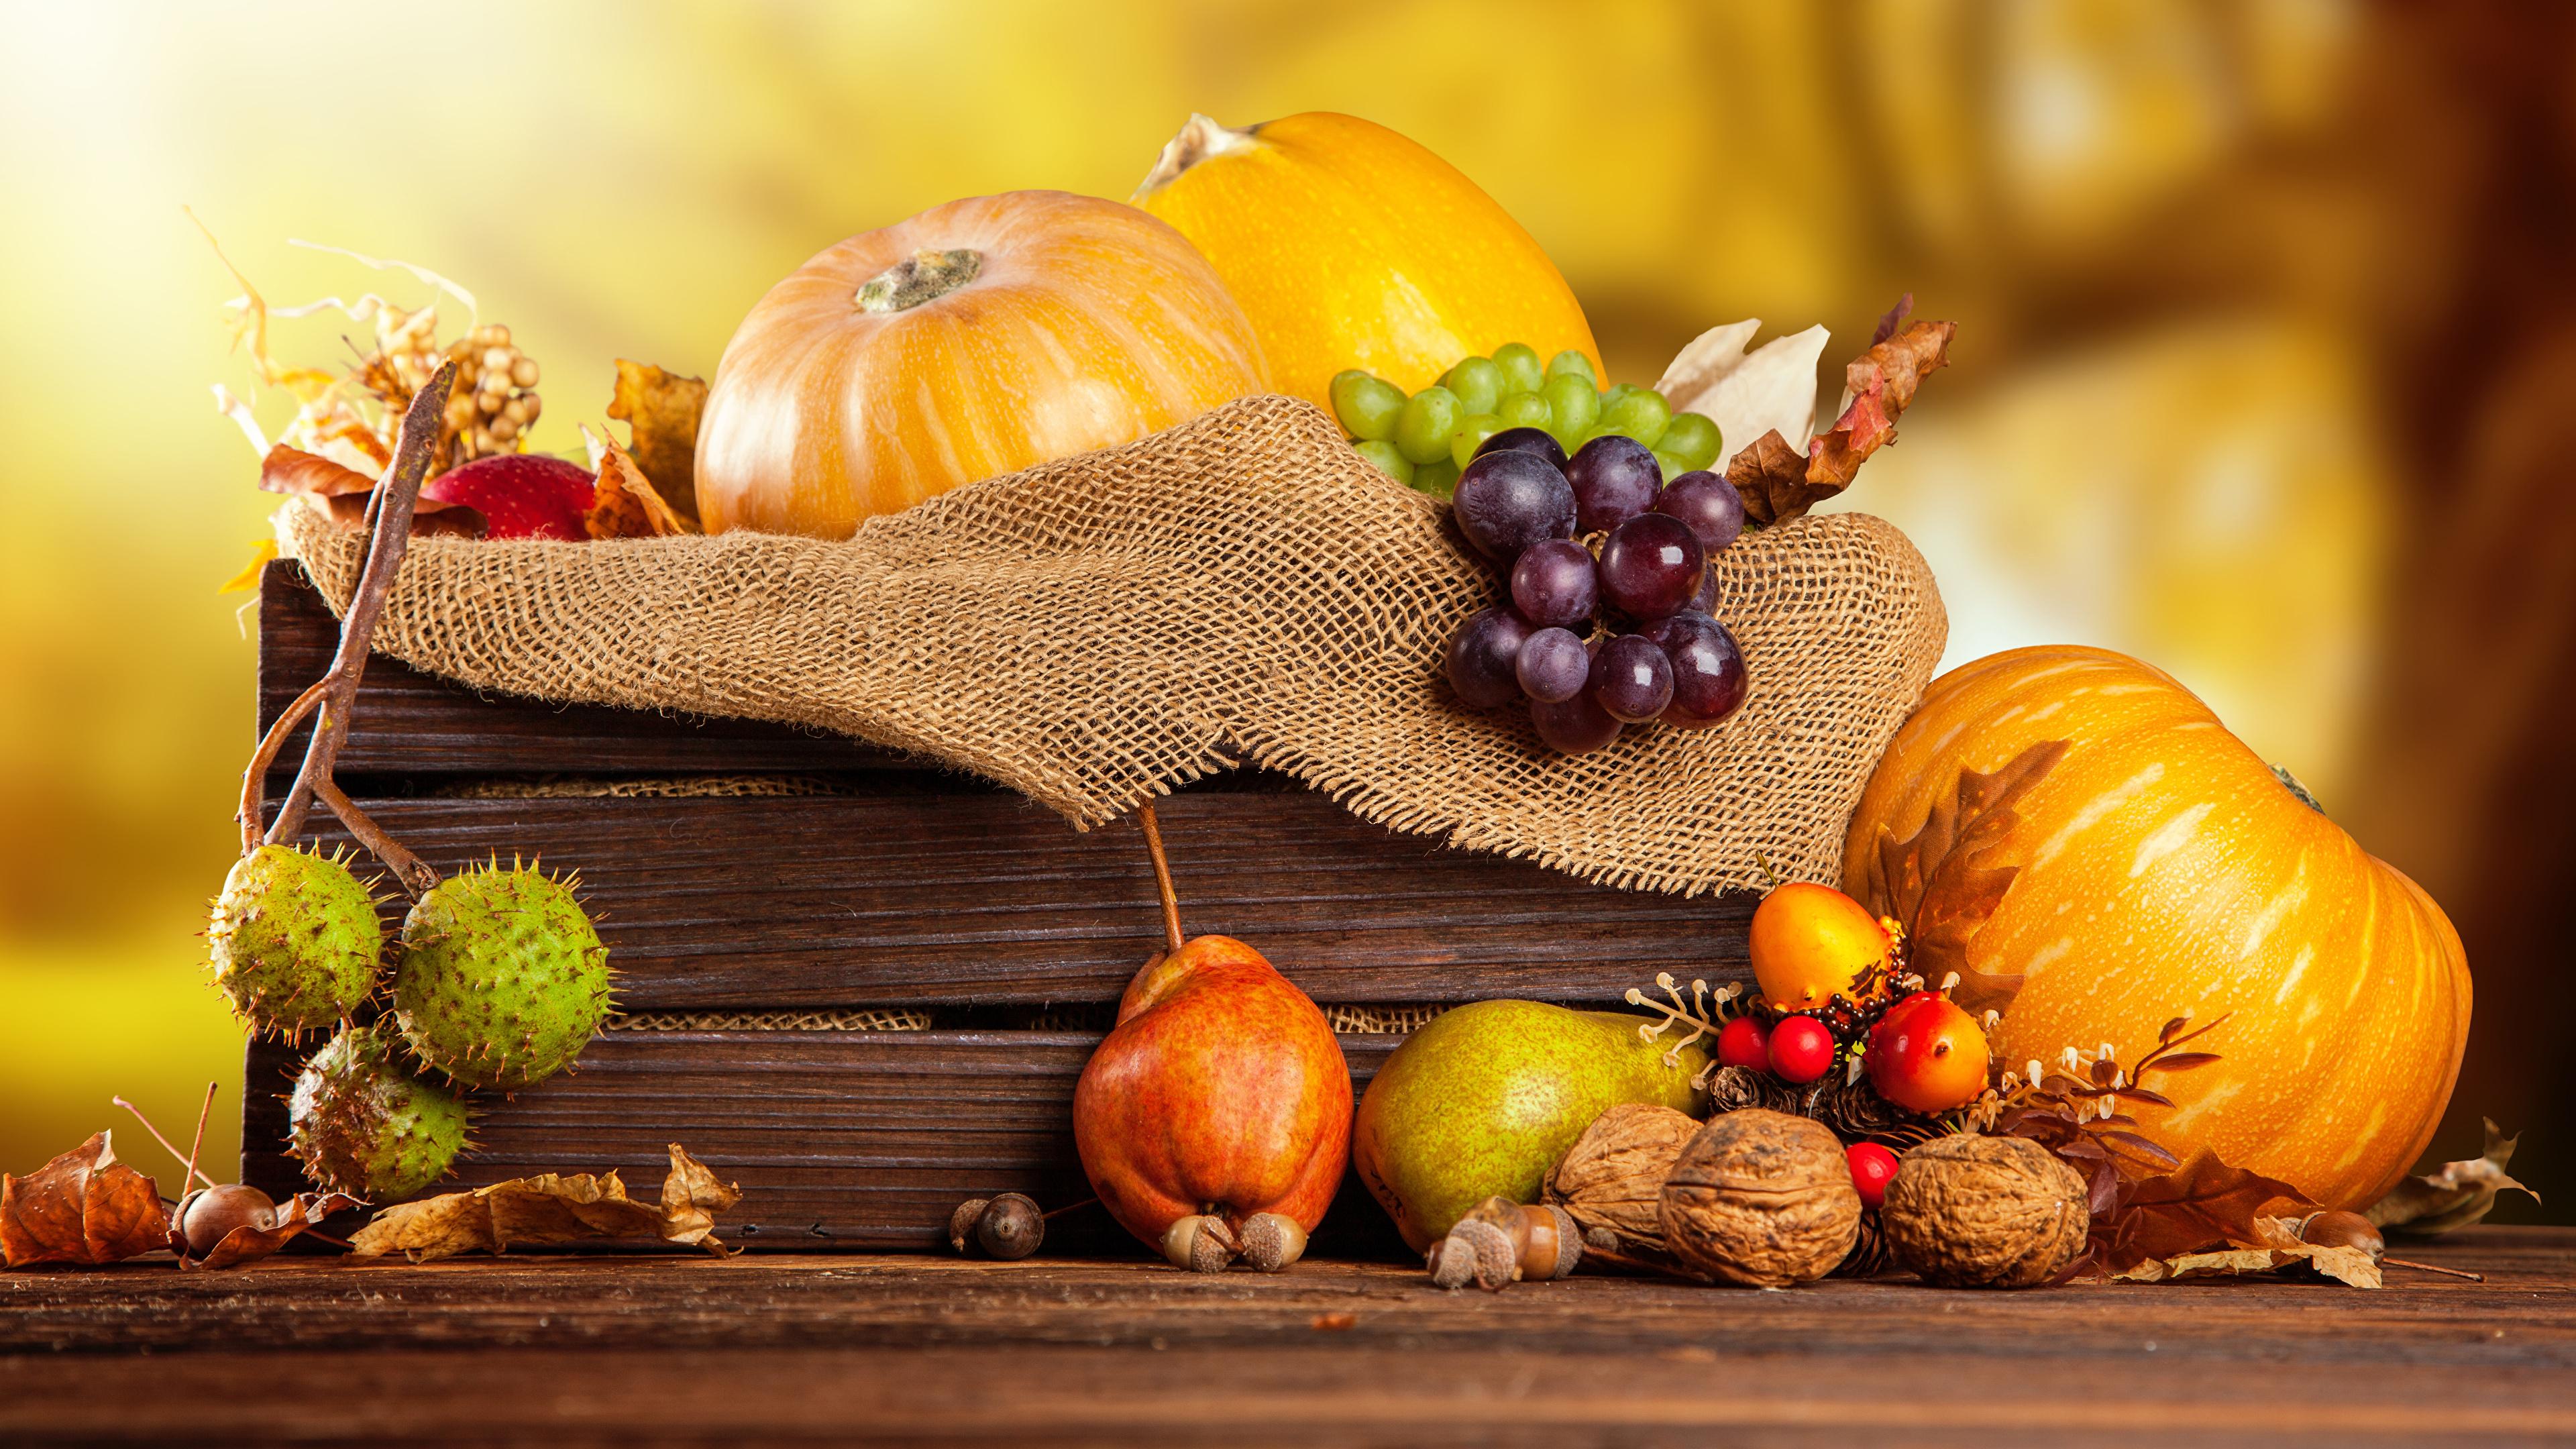 Фото Осень Тыква Груши Виноград Пища Орехи 3840x2160 осенние Еда Продукты питания